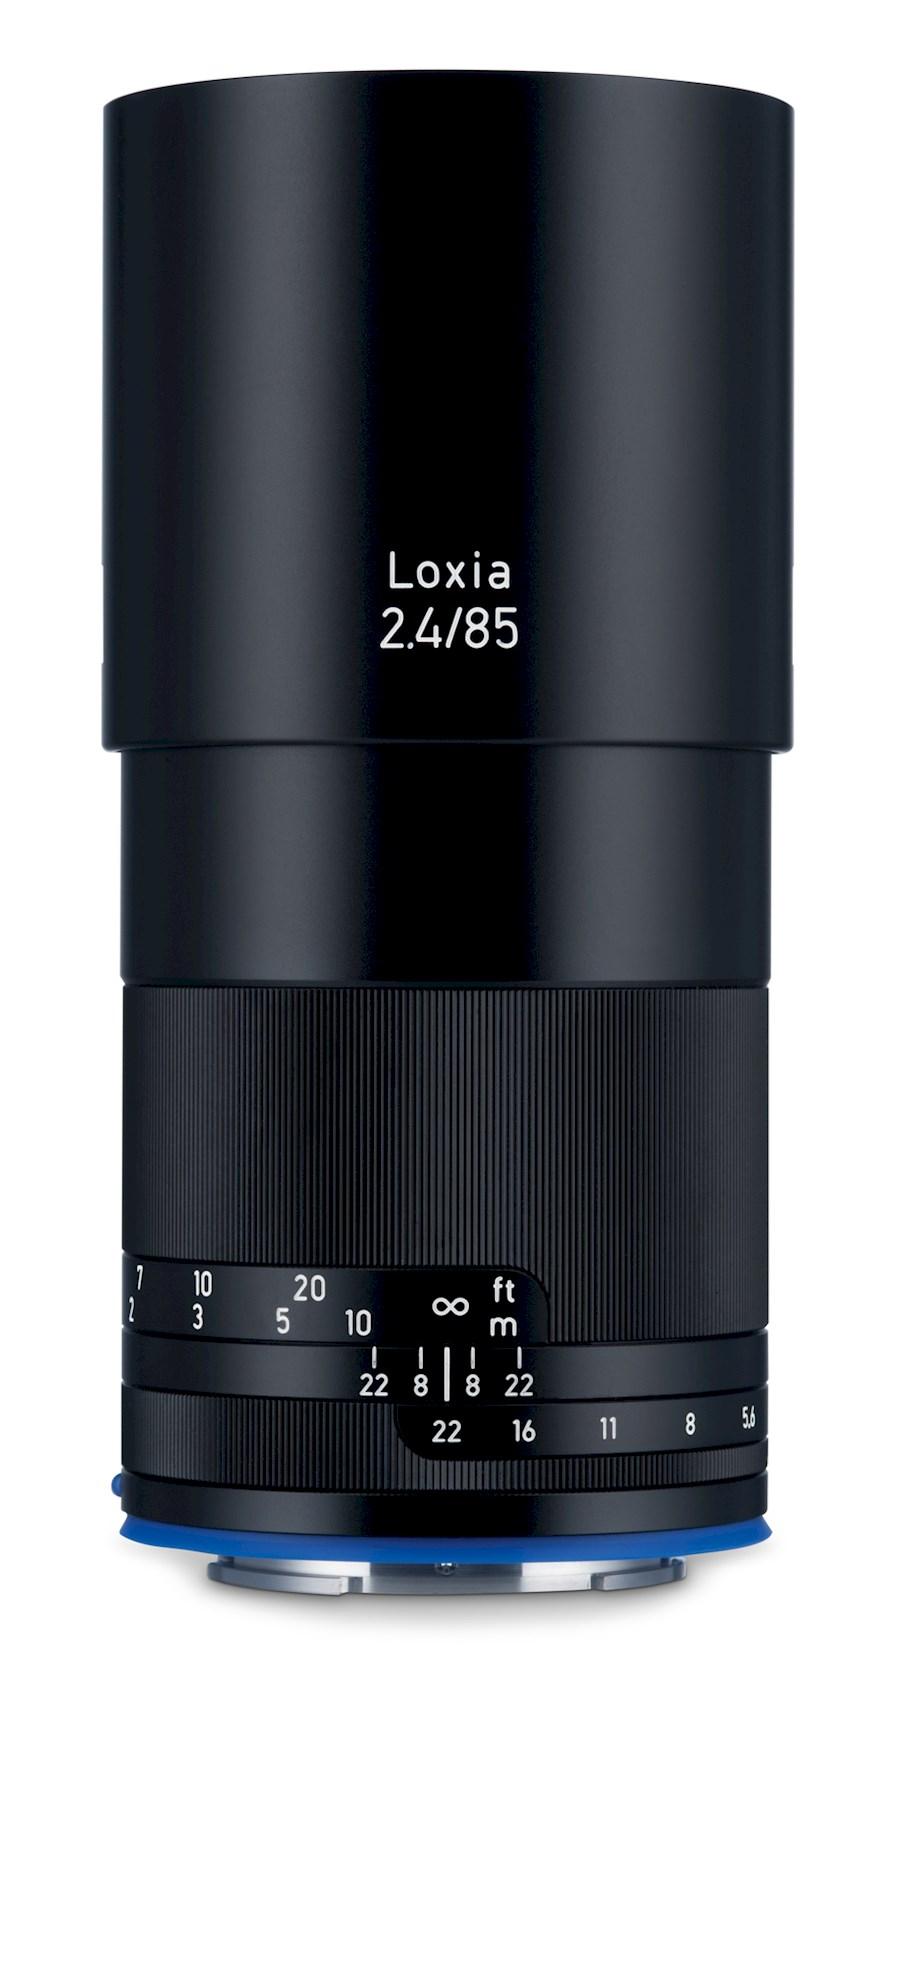 Huur een ZEISS Loxia 85 mm F2.4 | Sony E-mount in Nieuw-Vennep van TRANSCONTINENTA B.V.